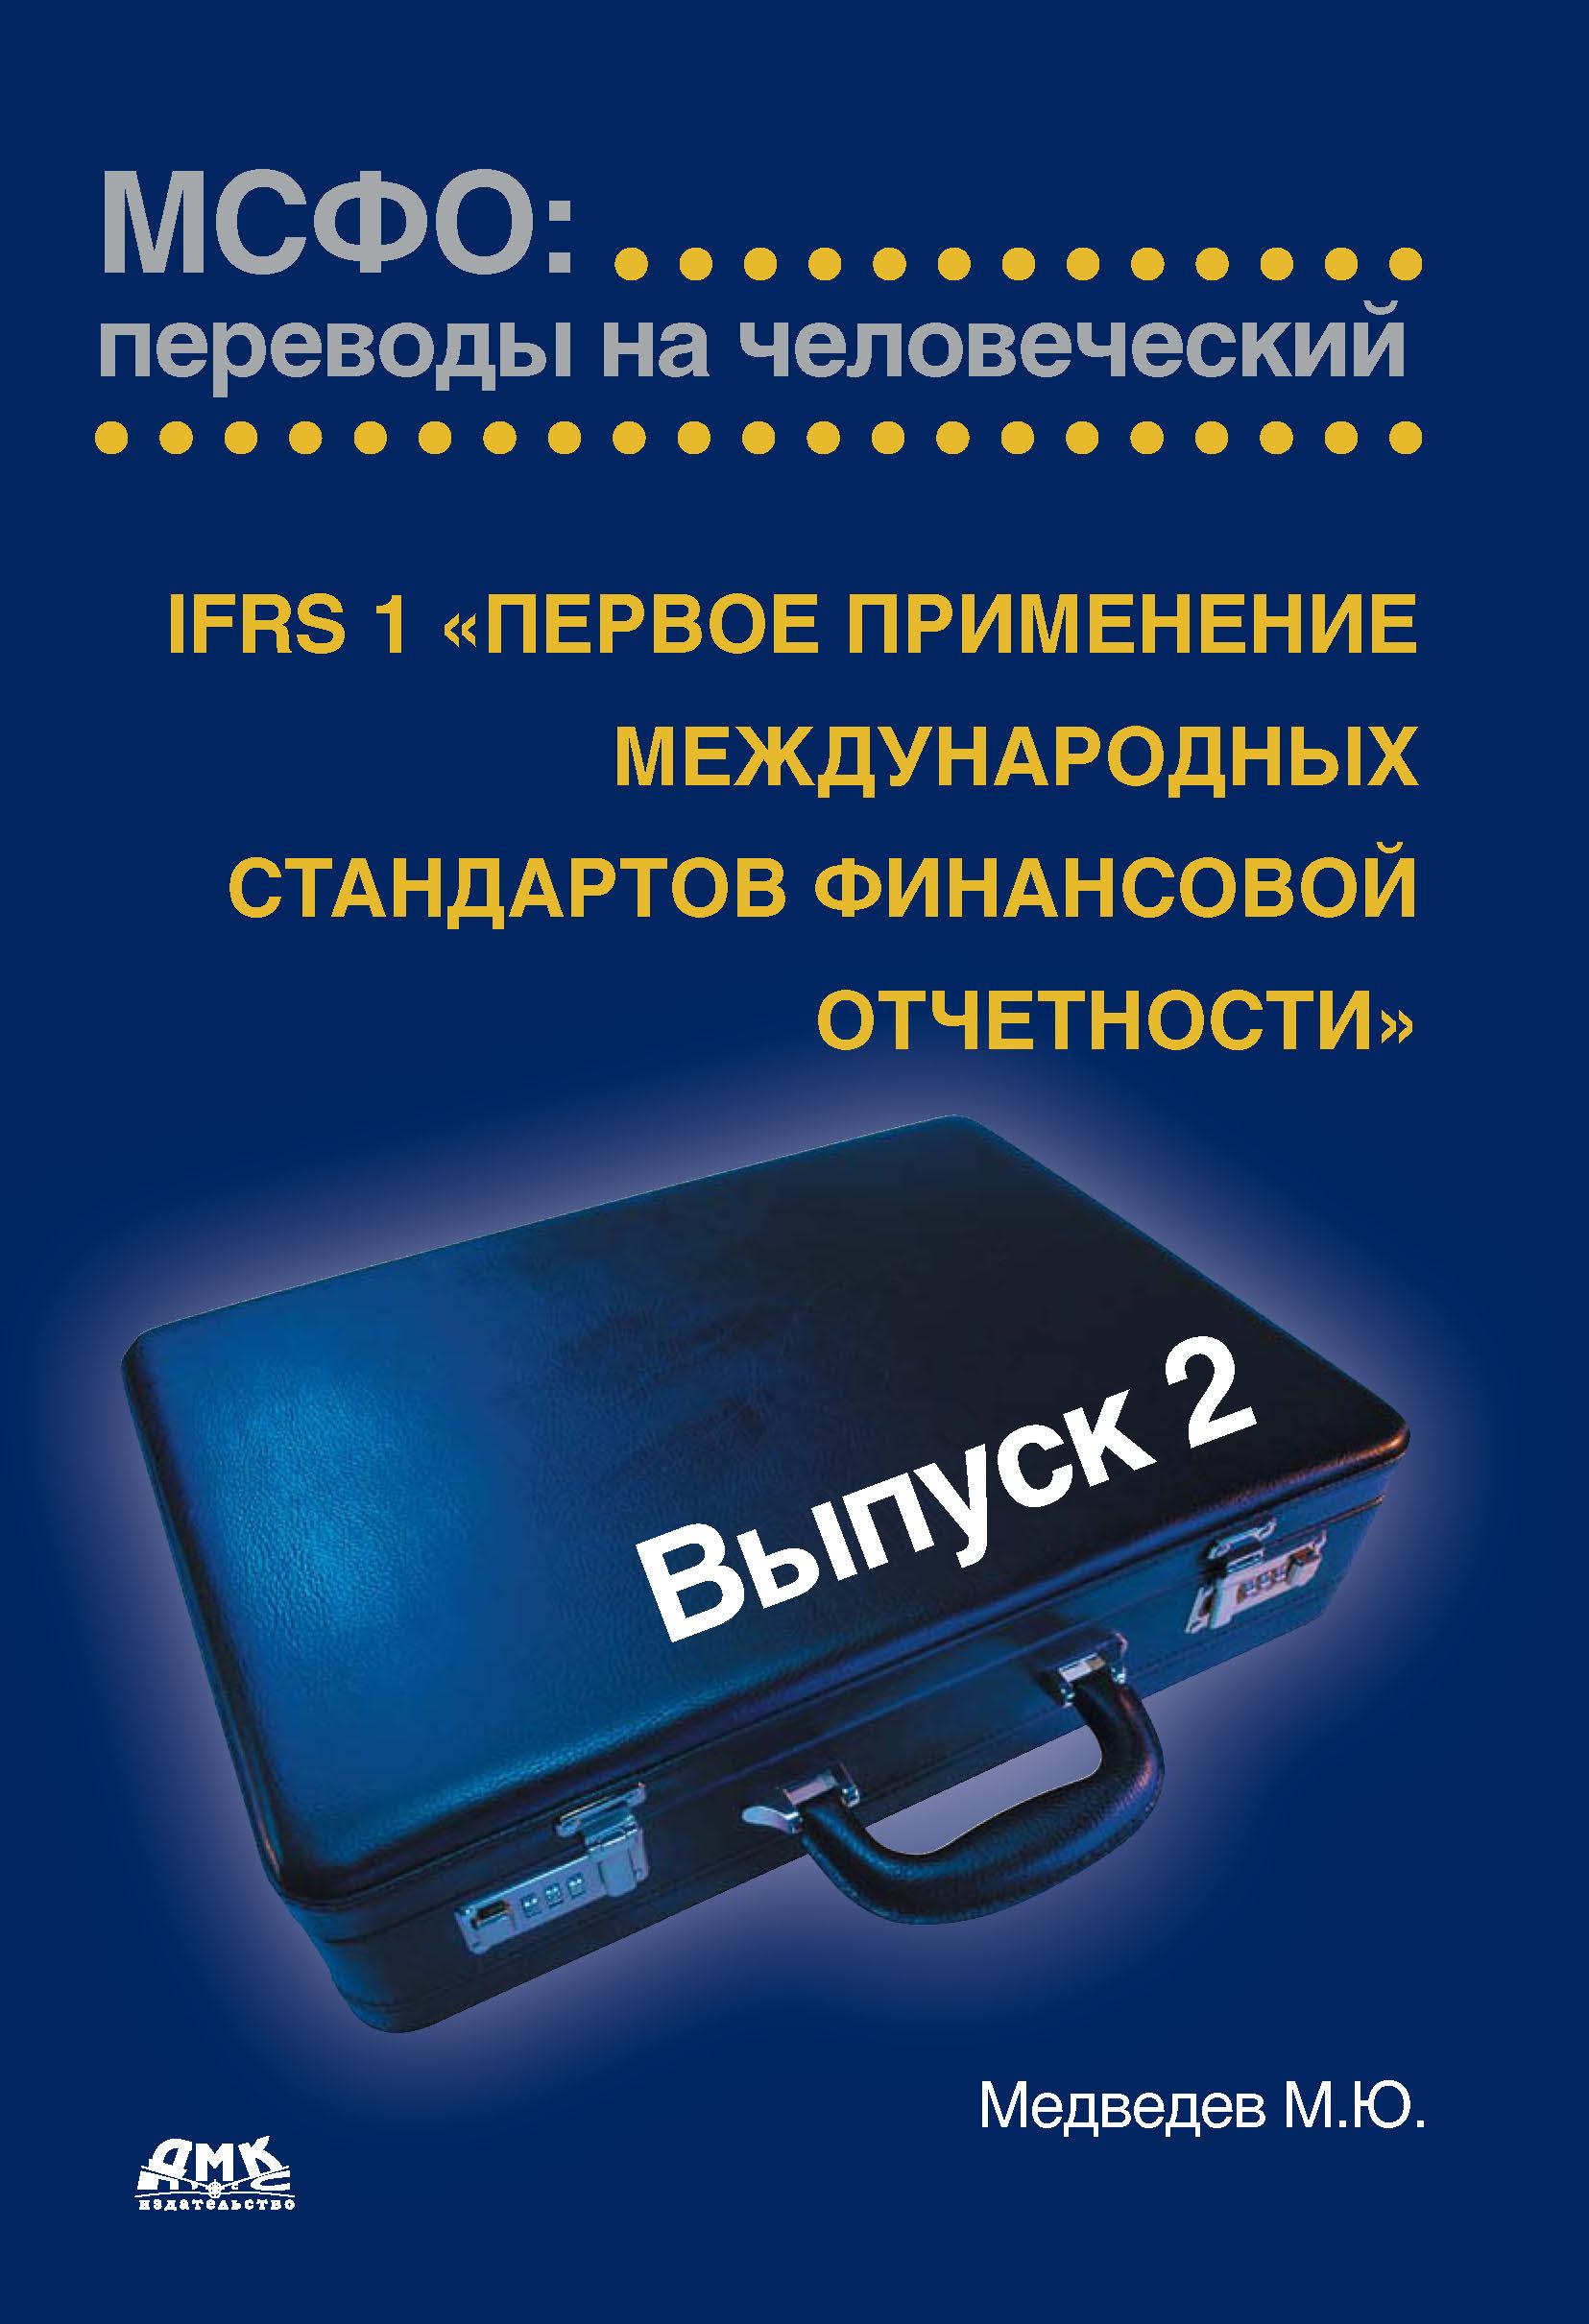 М. Ю. Медведев IFRS 1 «Первое применение международных стандартов финансовой отчетности» мсфо точка зрения кпмг практическое руководство по международным стандартам финансовой отчетности часть 1 2 3 4